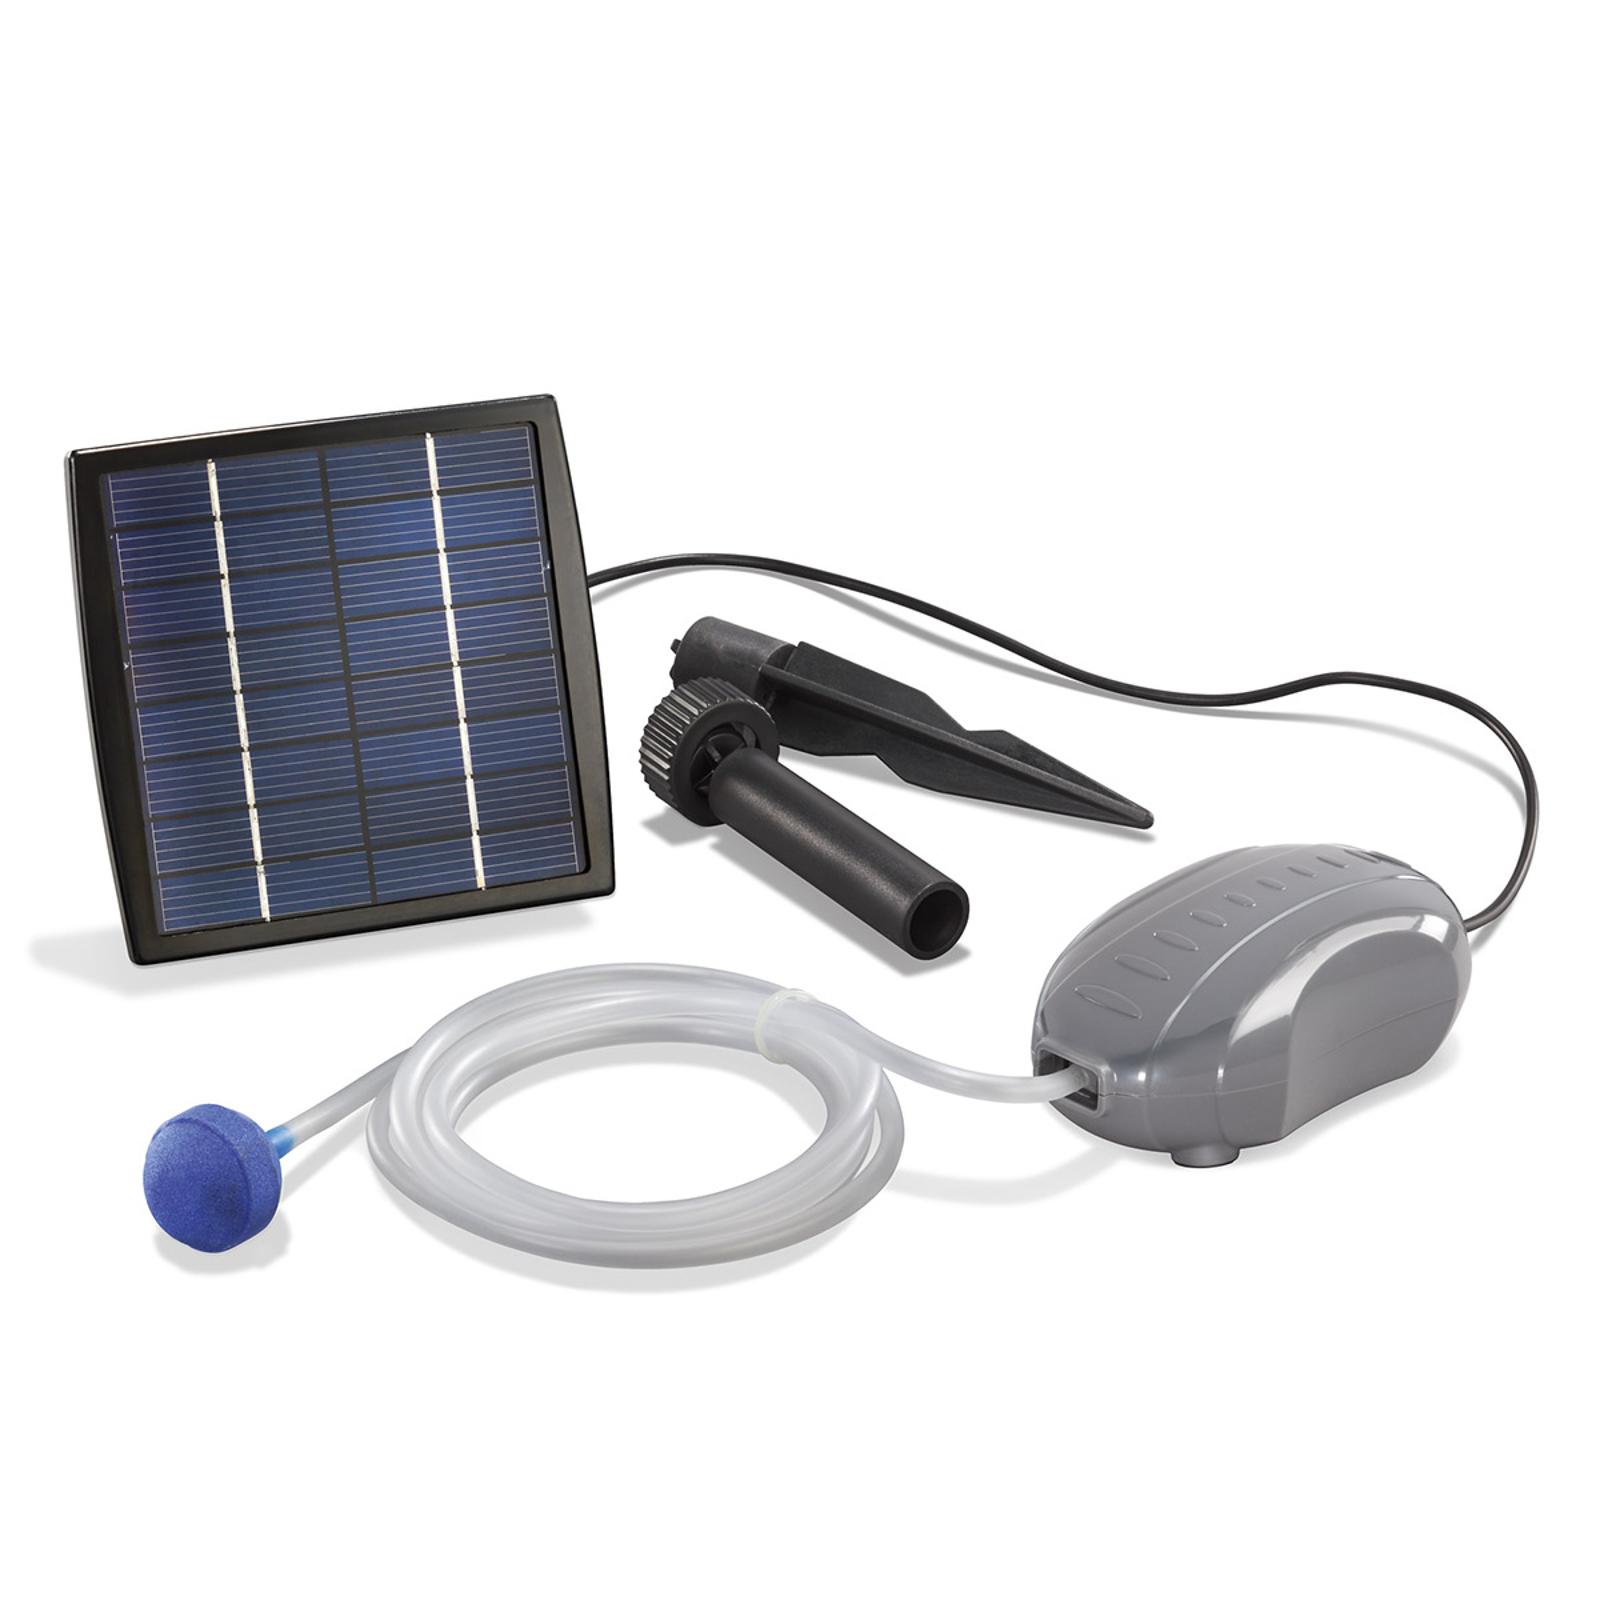 Solarny napowietrzacz oczek wodnych SOLAR AIR-S